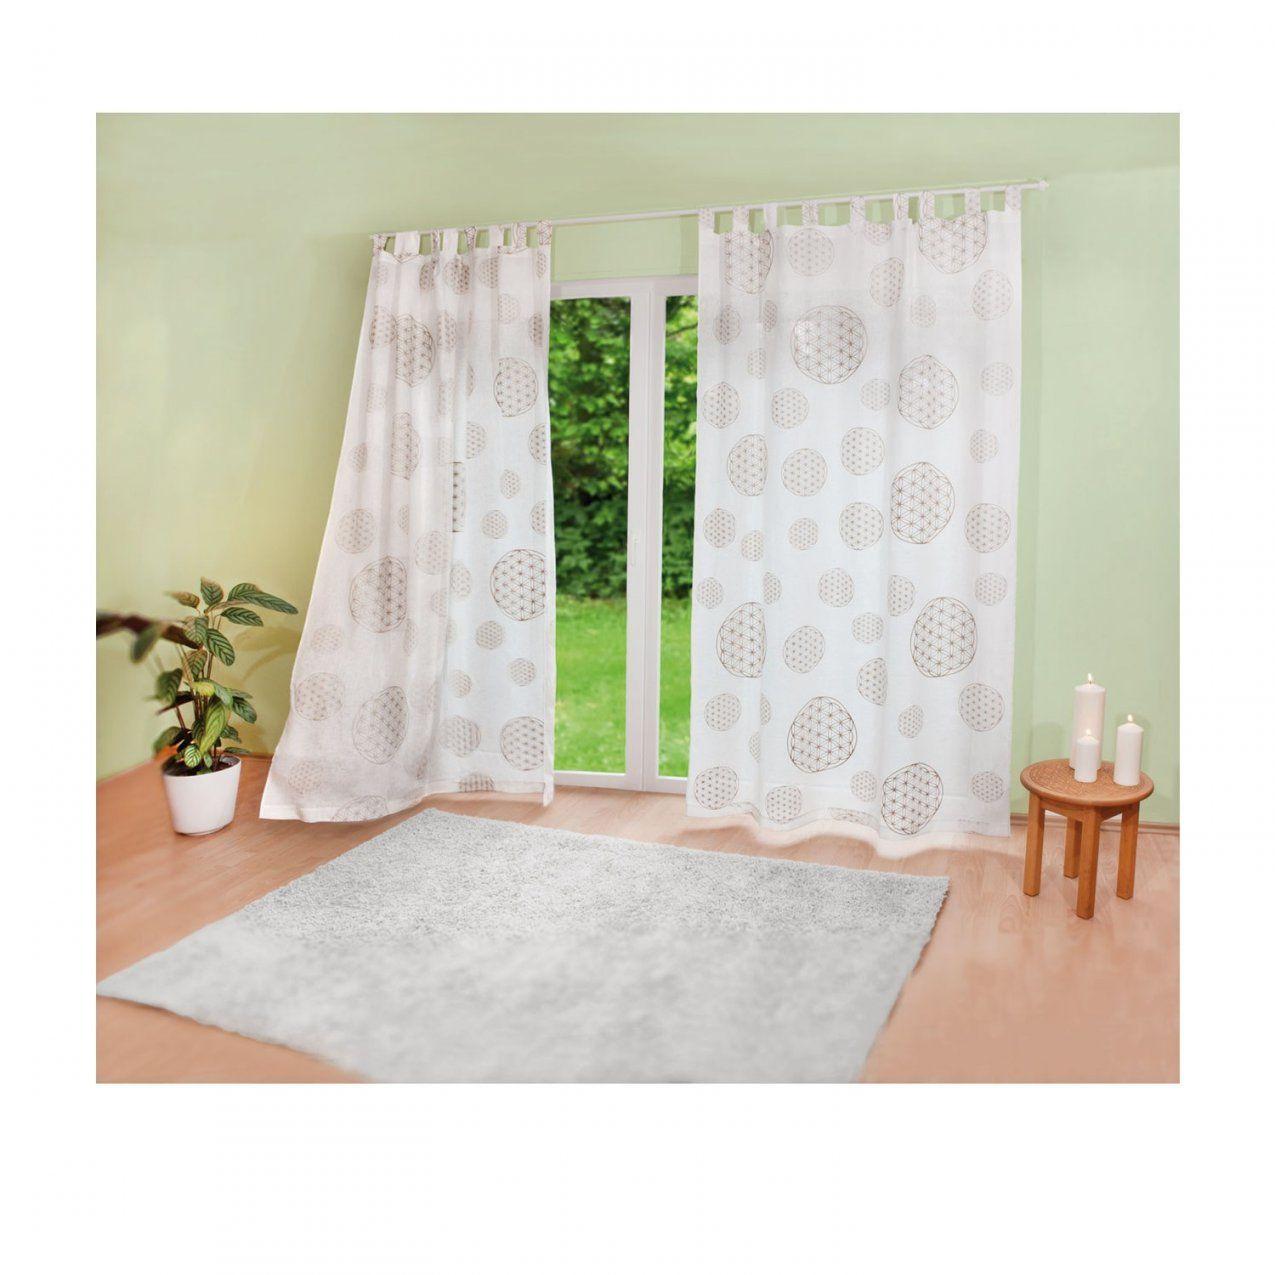 Vorhang Nähen Sensationell Design Über Vorhang Nähen Vorh Nge N Hen von Gardinen Schlaufen Nähen Photo